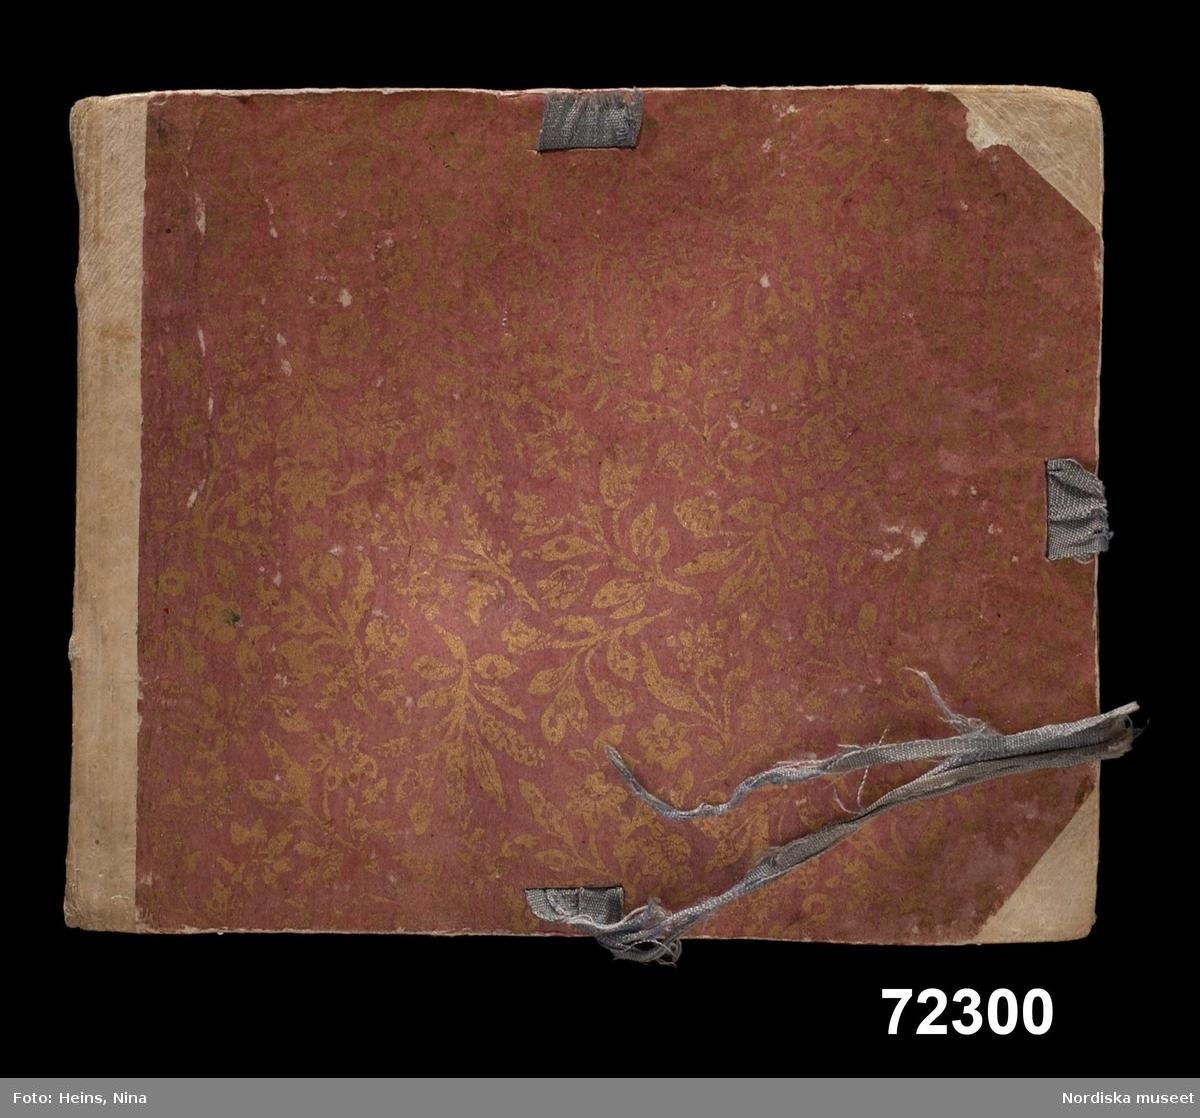 """Mönsterbok med prover i makraméteknik. Flertalet prover är utförda i S-tvinnat silkegarn. Dessutom förekommer glansigt ullgarn, lingarn och metalltråd. Bok med hårda pärmar, bunden med 48 blad av vitt och grått papper. Text på försättsbladet: """"Muster-buch Regina Rosina Englerin gehörig Anno 1741 d. 18 October"""". Innehåller 185 prover på makramé i bandform. De flesta proverna är kulörta. Ett antal vita prover i lingarn visar bland annat omramningar av knapphål. Se även 72301 provbok från ung. samma tid. /Berit Eldvik 2002"""